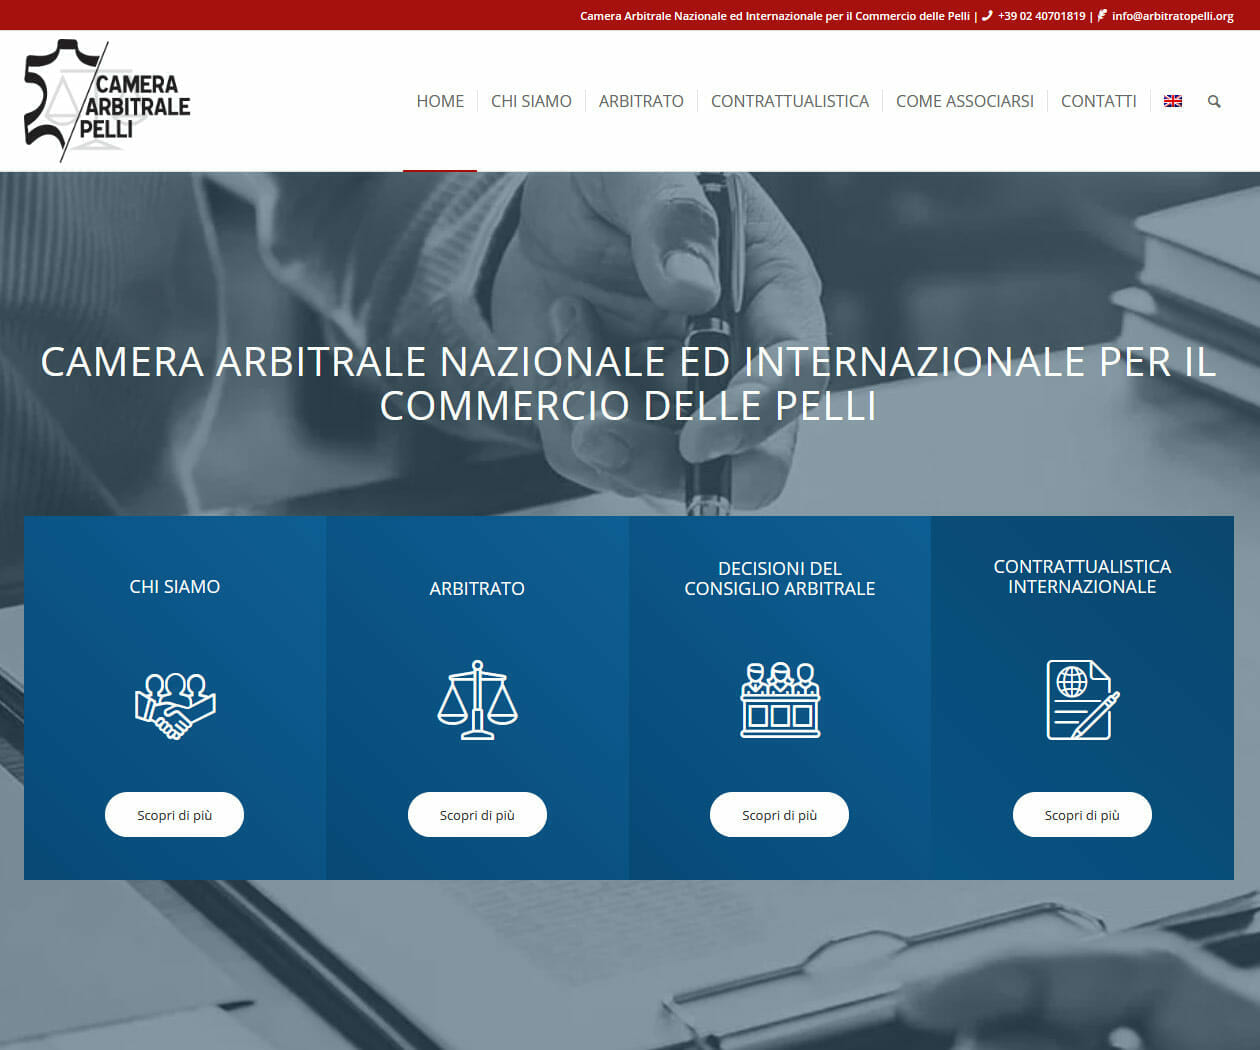 Sito Web Camera Arbitrale Pelli